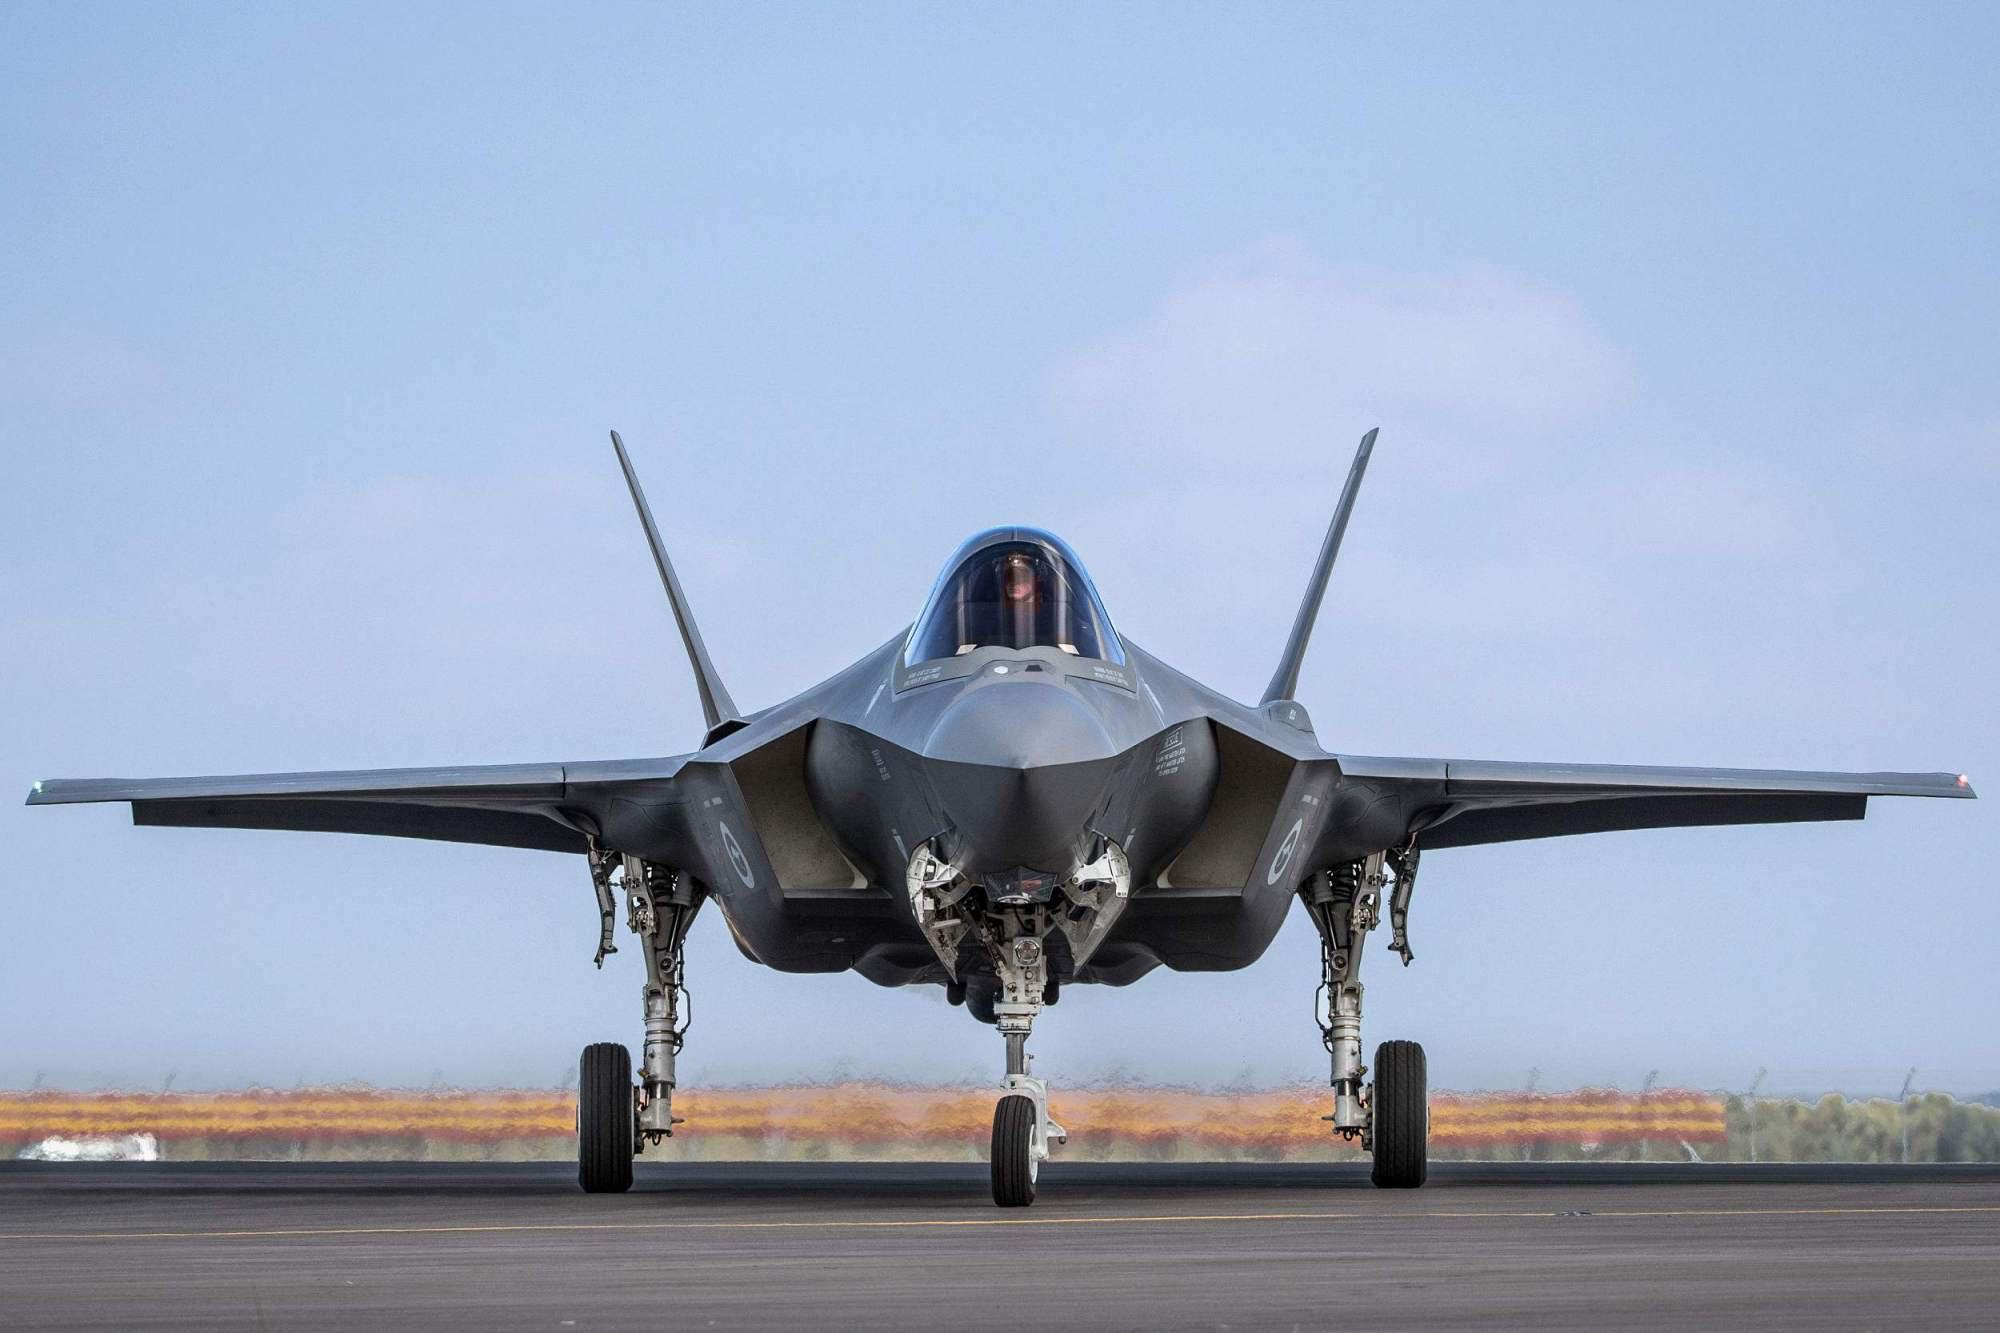 忘不了F35,土耳其公布一段录音后,立即向美国示好,却搞错对象